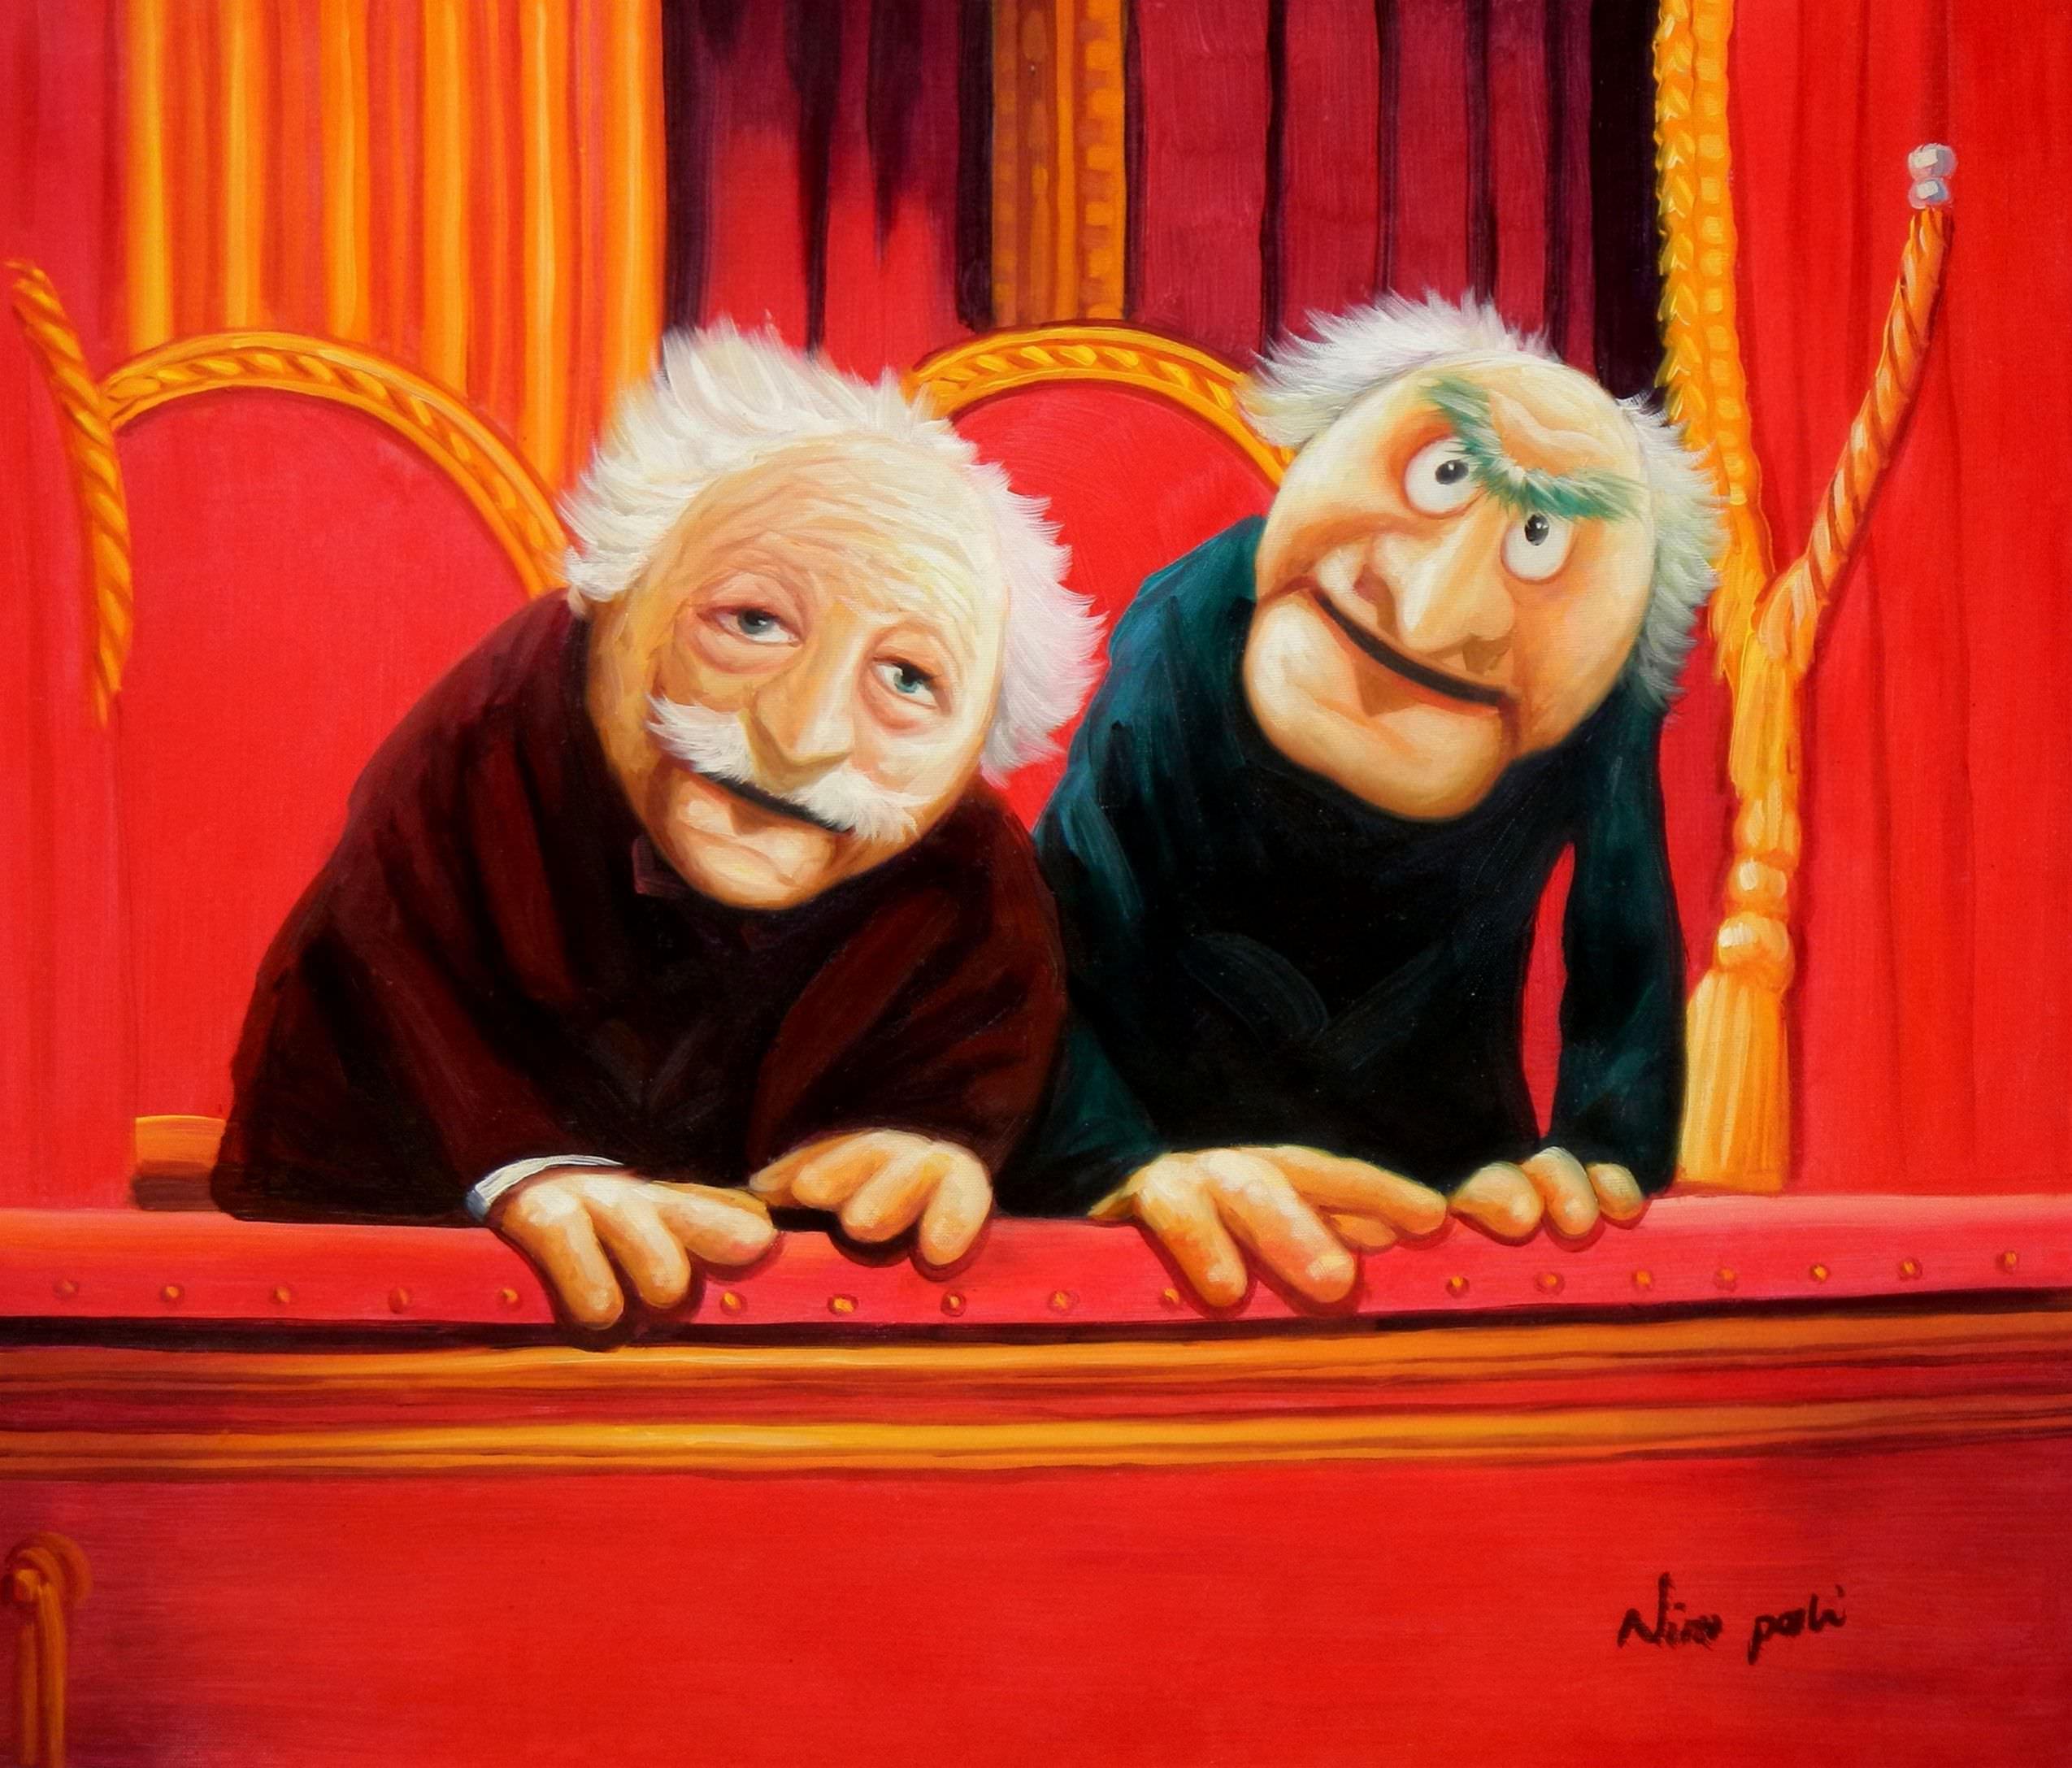 Muppet Opas Waldorf & Statler Pop Art c96056 50x60cm großartiges Ölbild